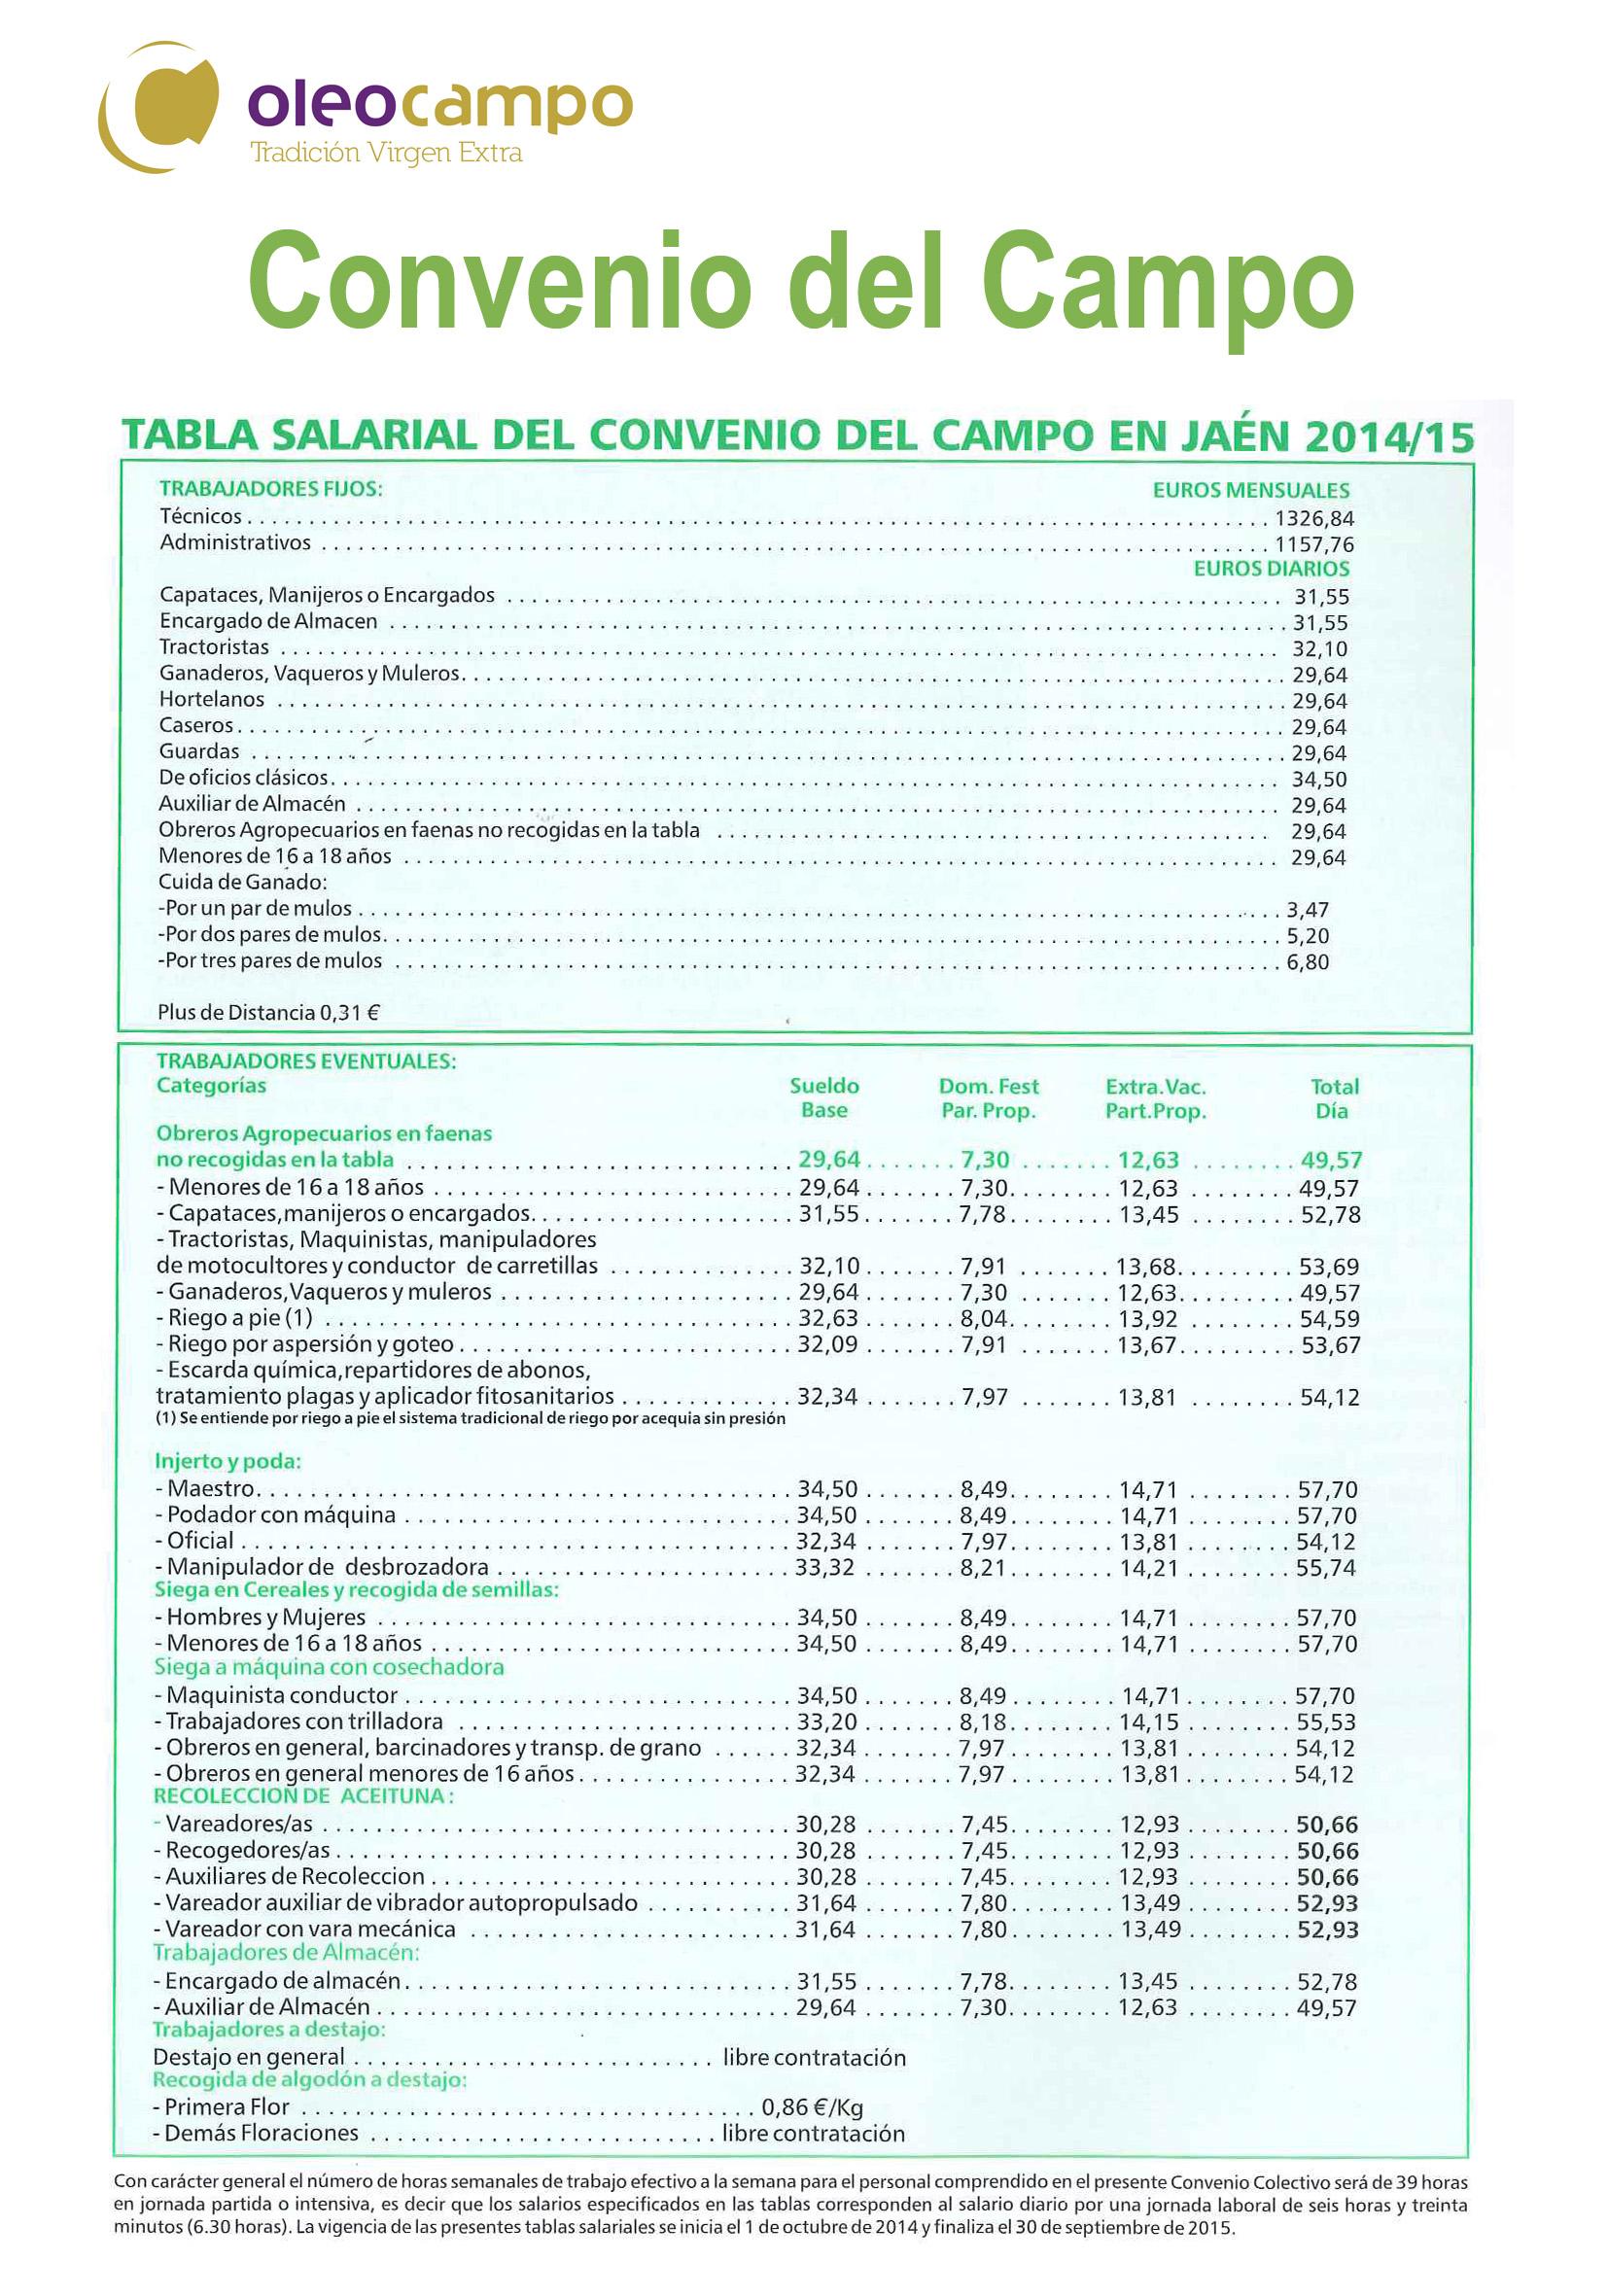 tabla salarial convenio del campo 2014-2015